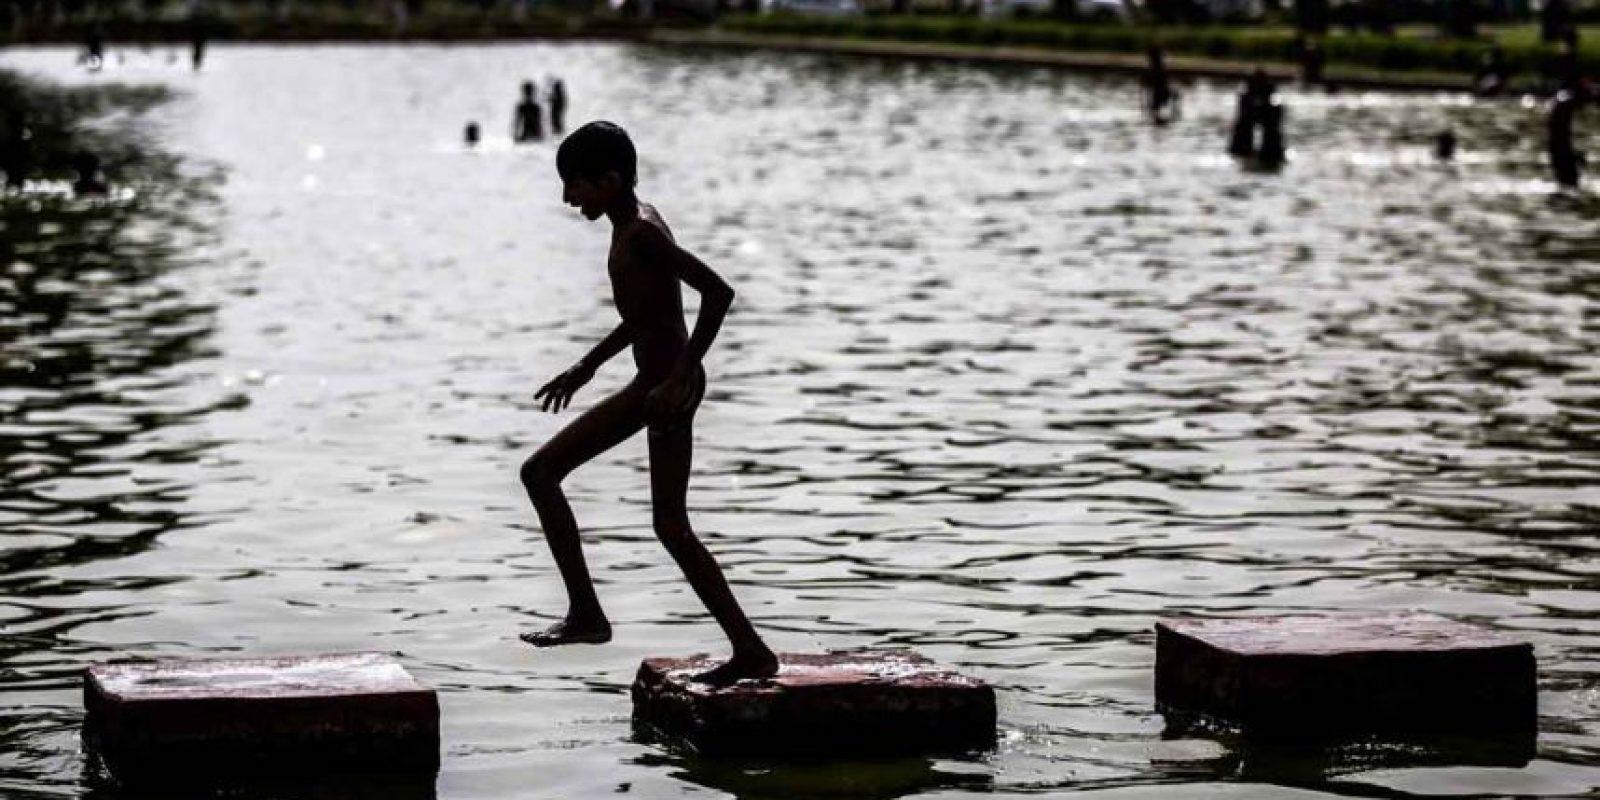 Sin embargo, doctores aconsejan no salir ya que hay riesgo de no sobrevivir al calor Foto:Getty Images